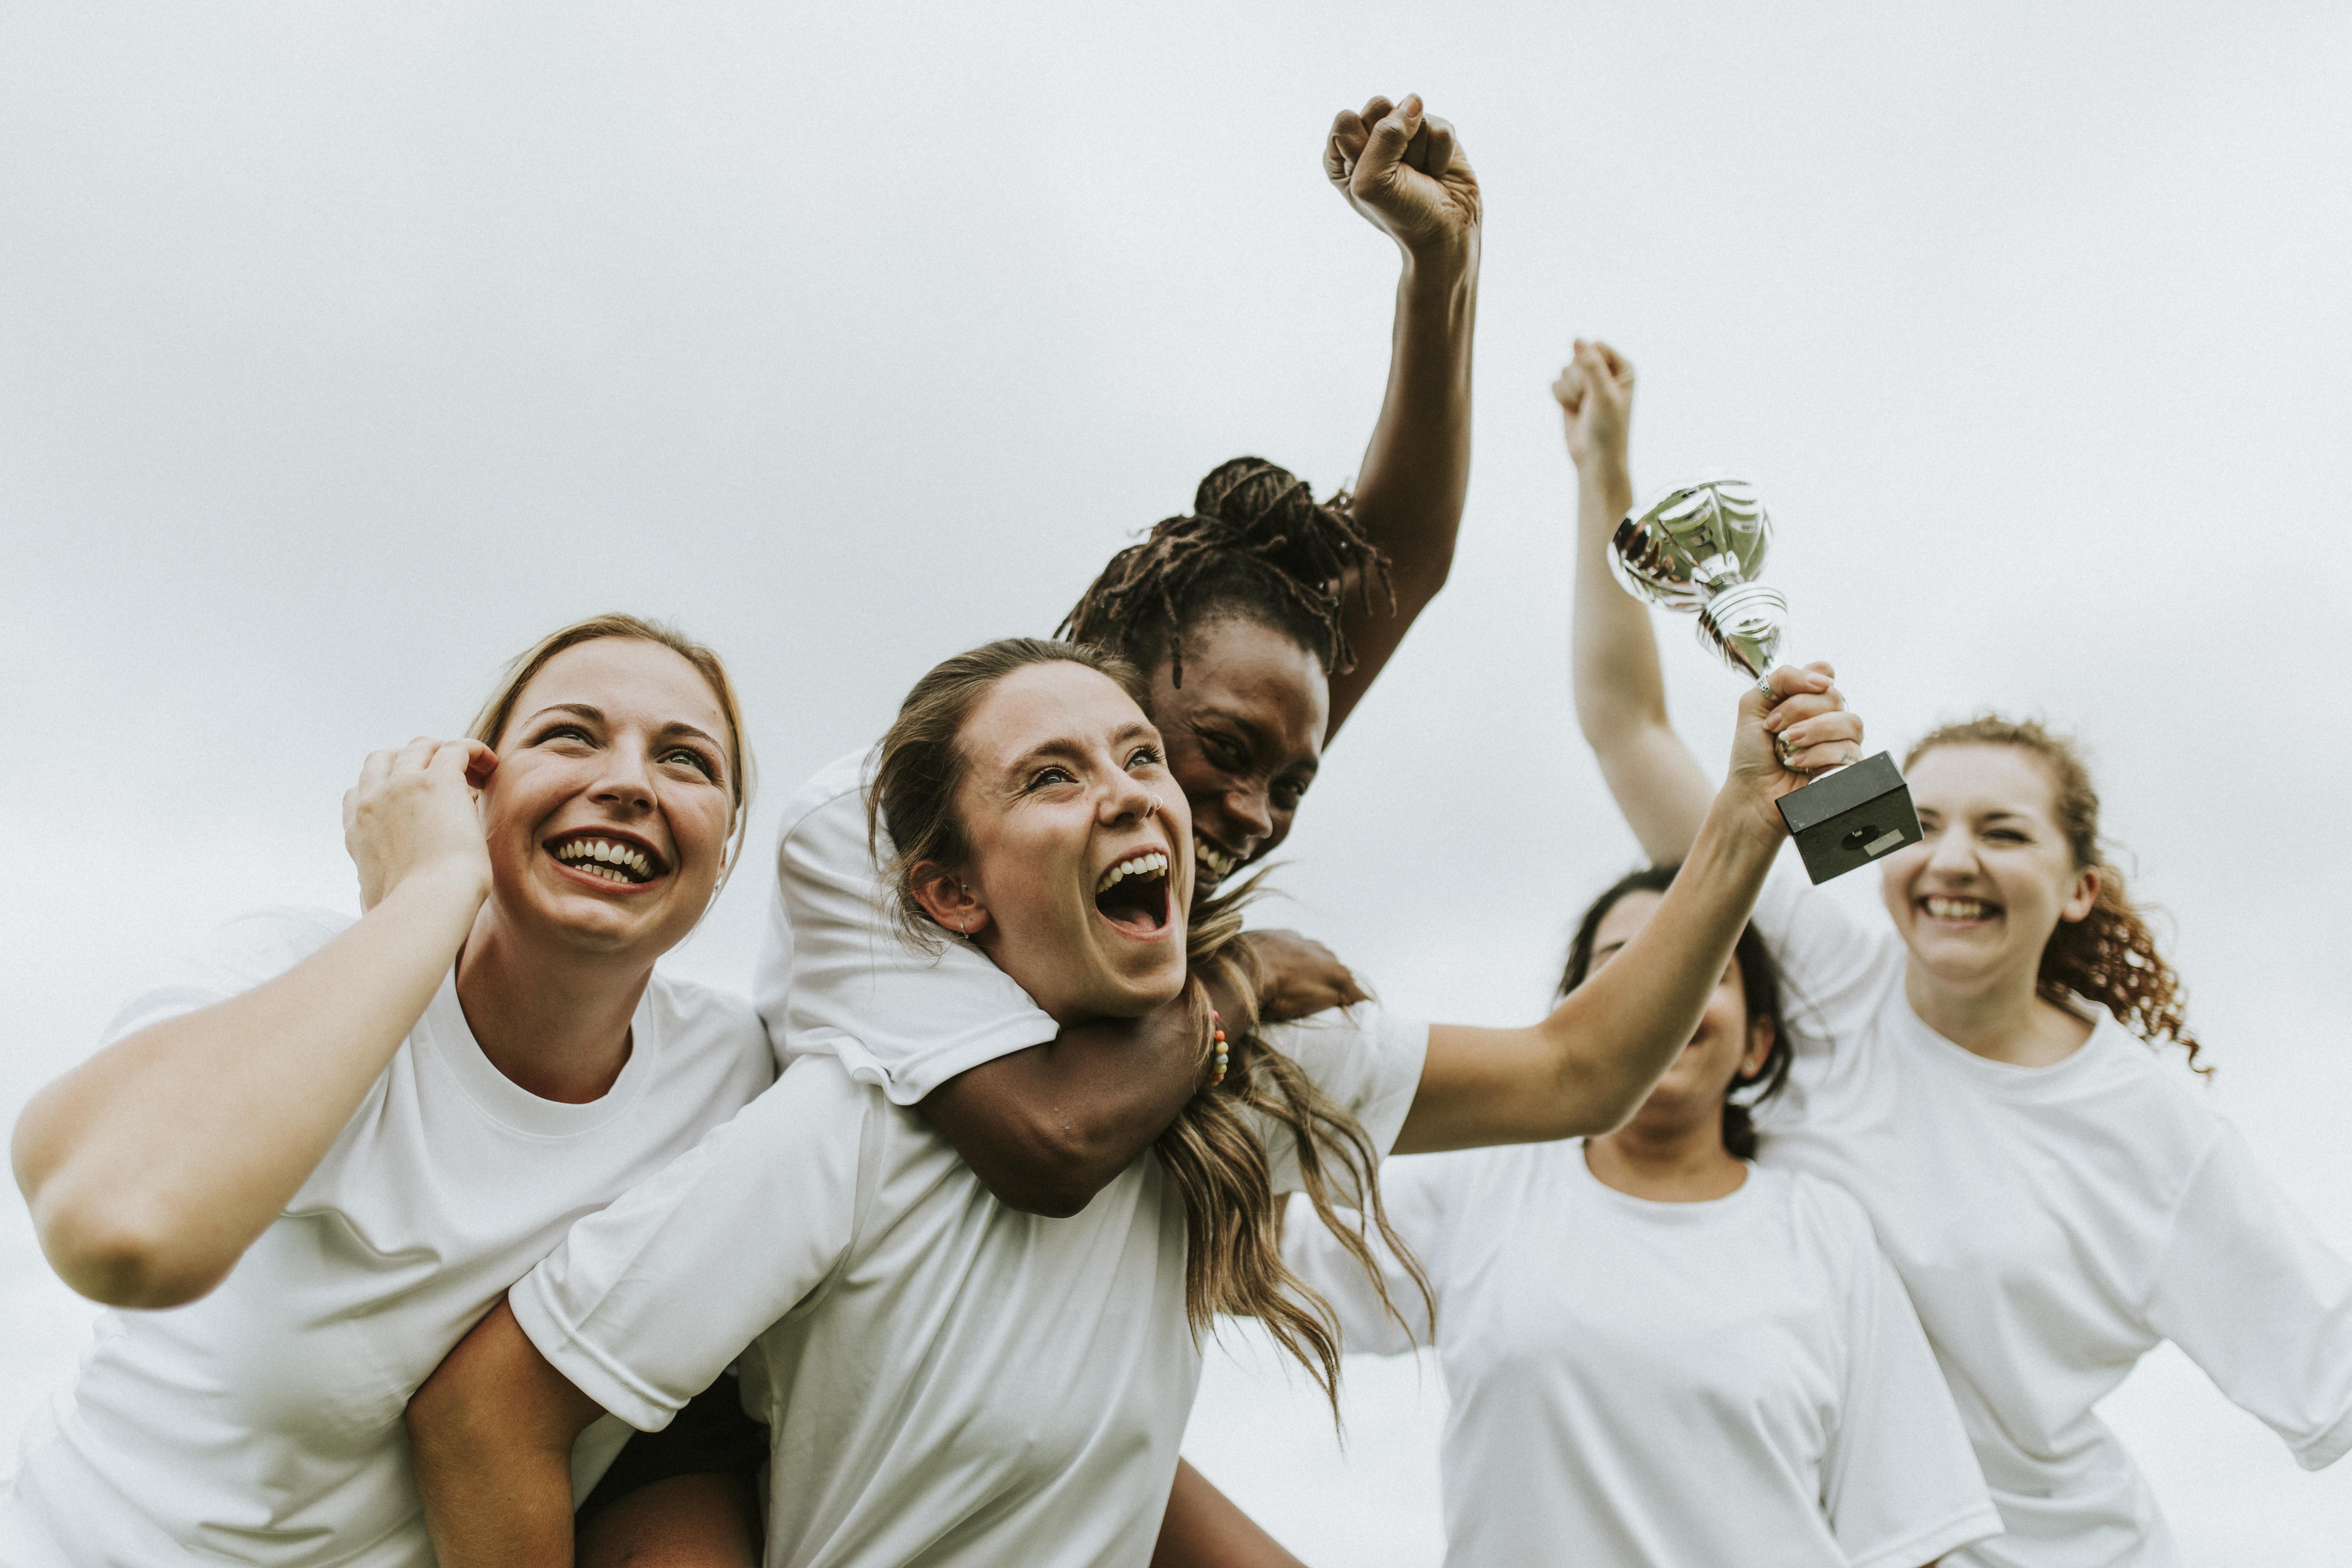 Young female athletes celebrating trophy